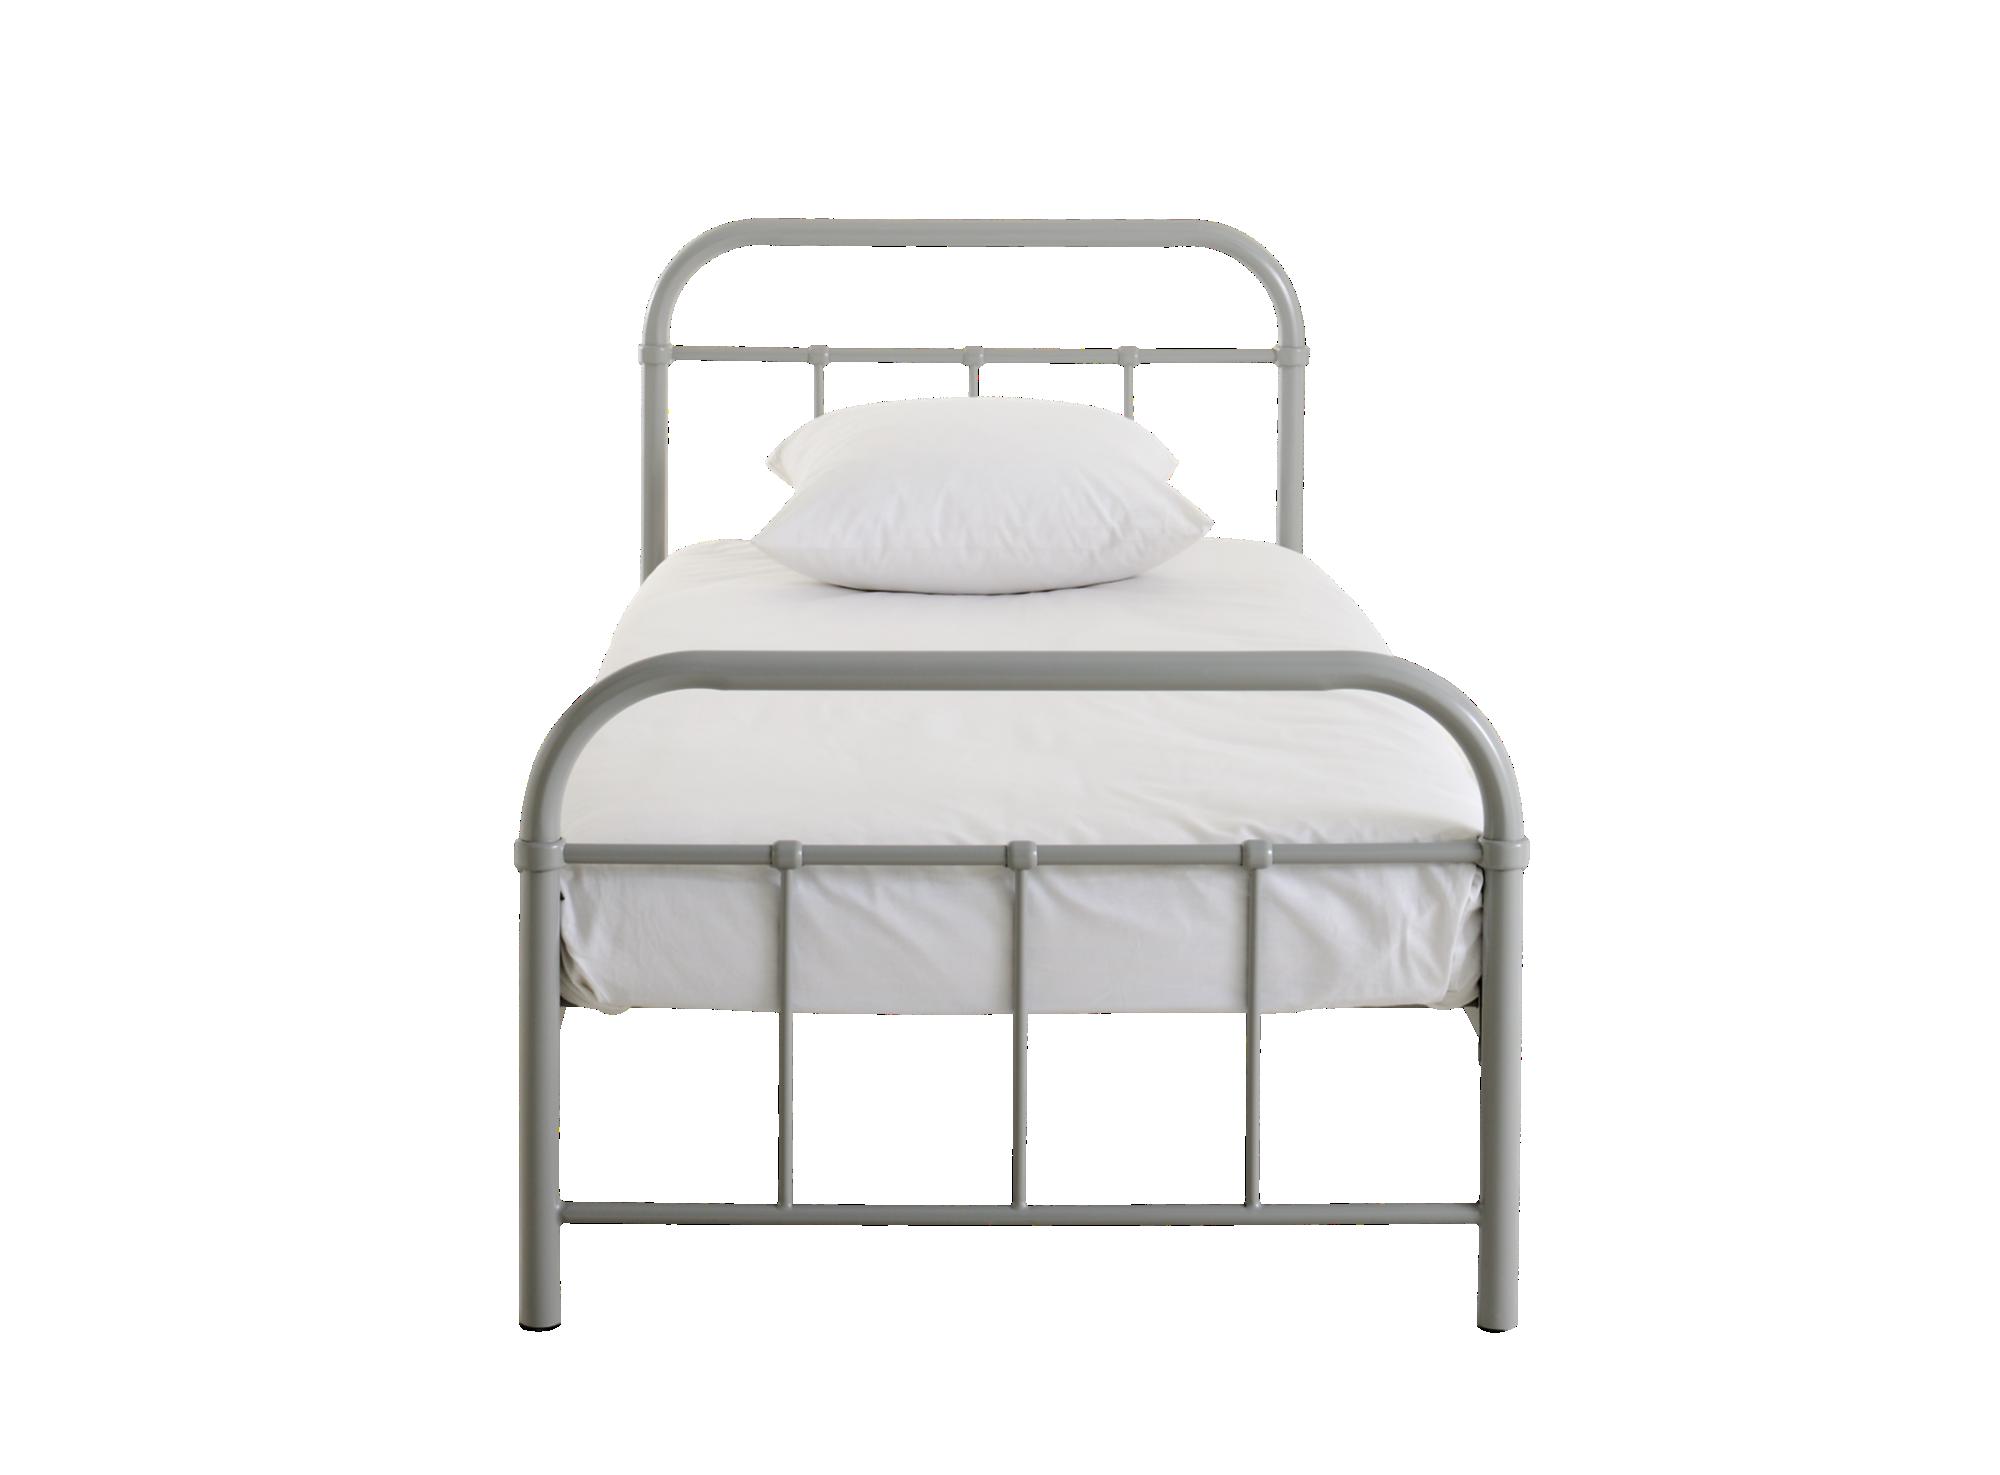 lit 90x190 gris fly. Black Bedroom Furniture Sets. Home Design Ideas